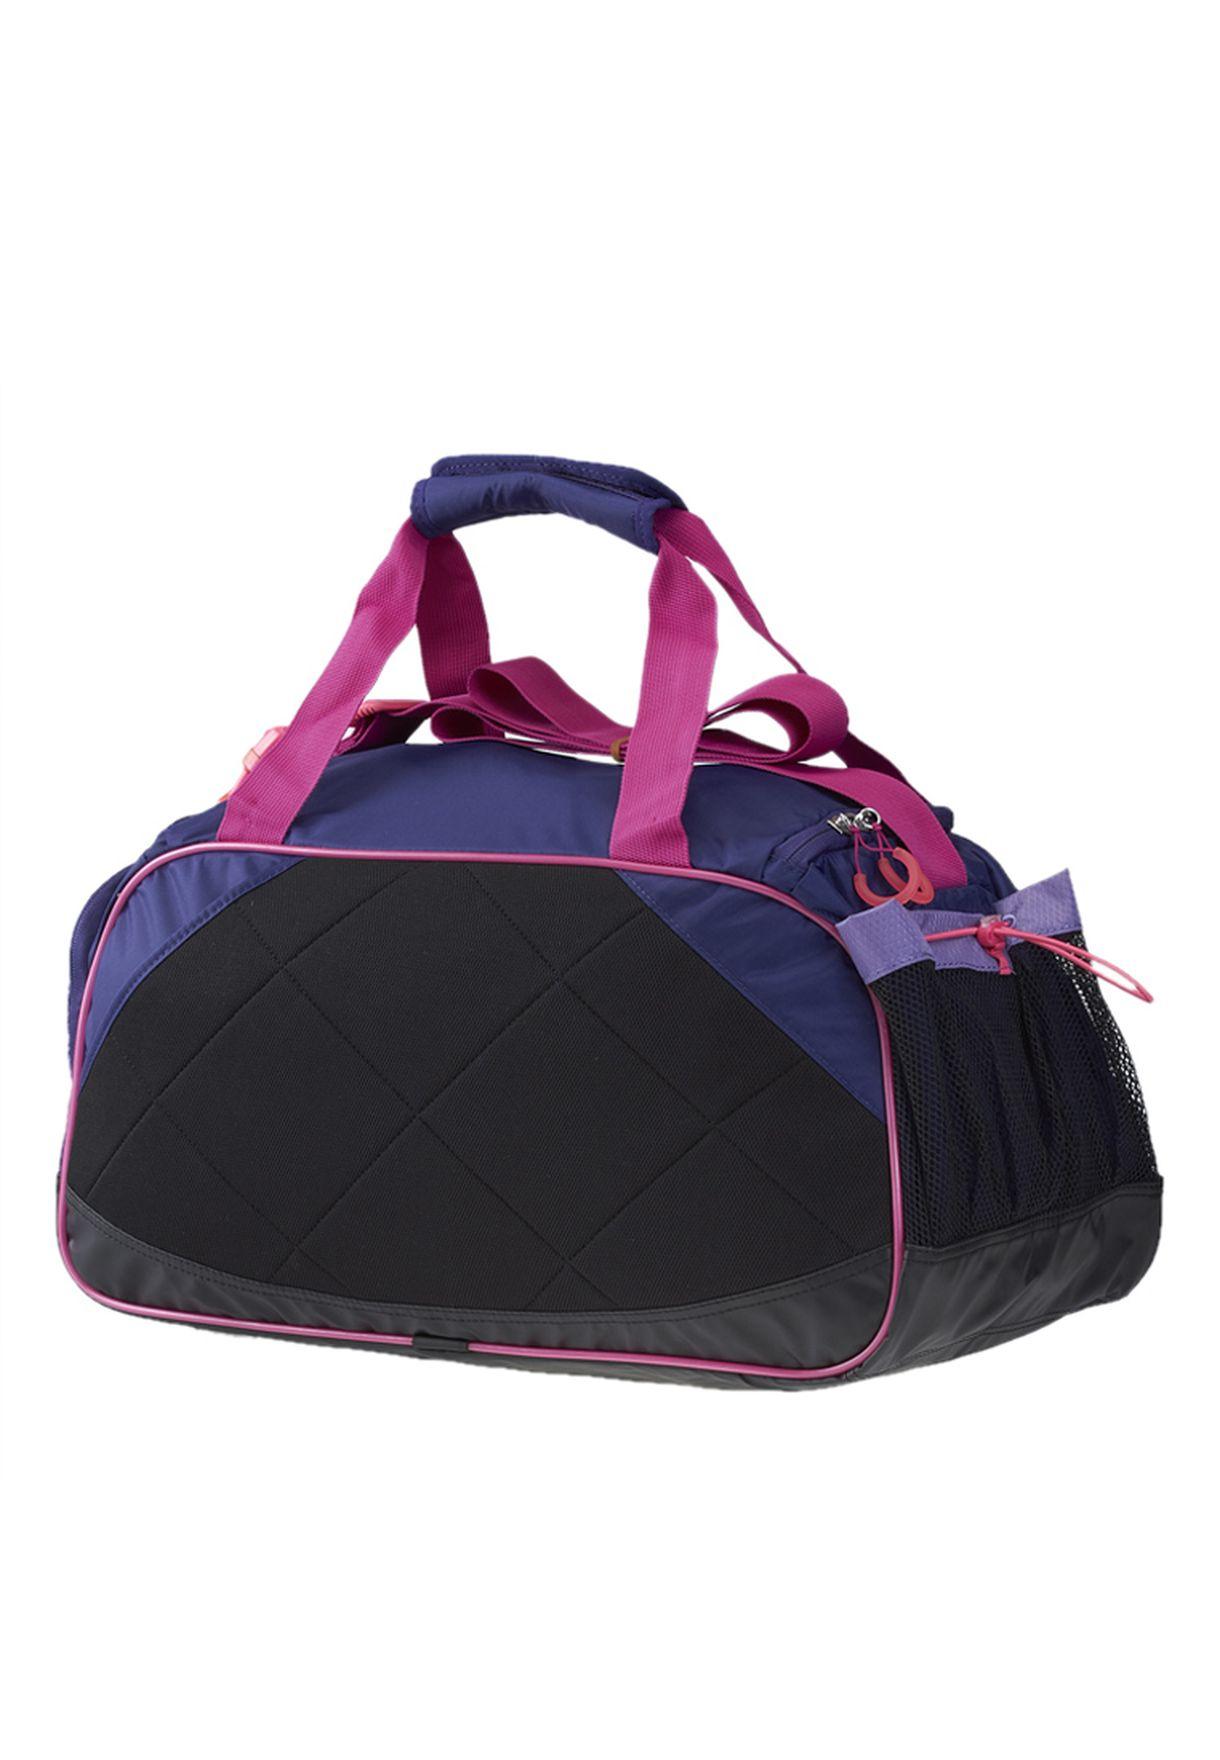 a0e57474fb80 Nike Varsity Girl Medium Duffel Bag